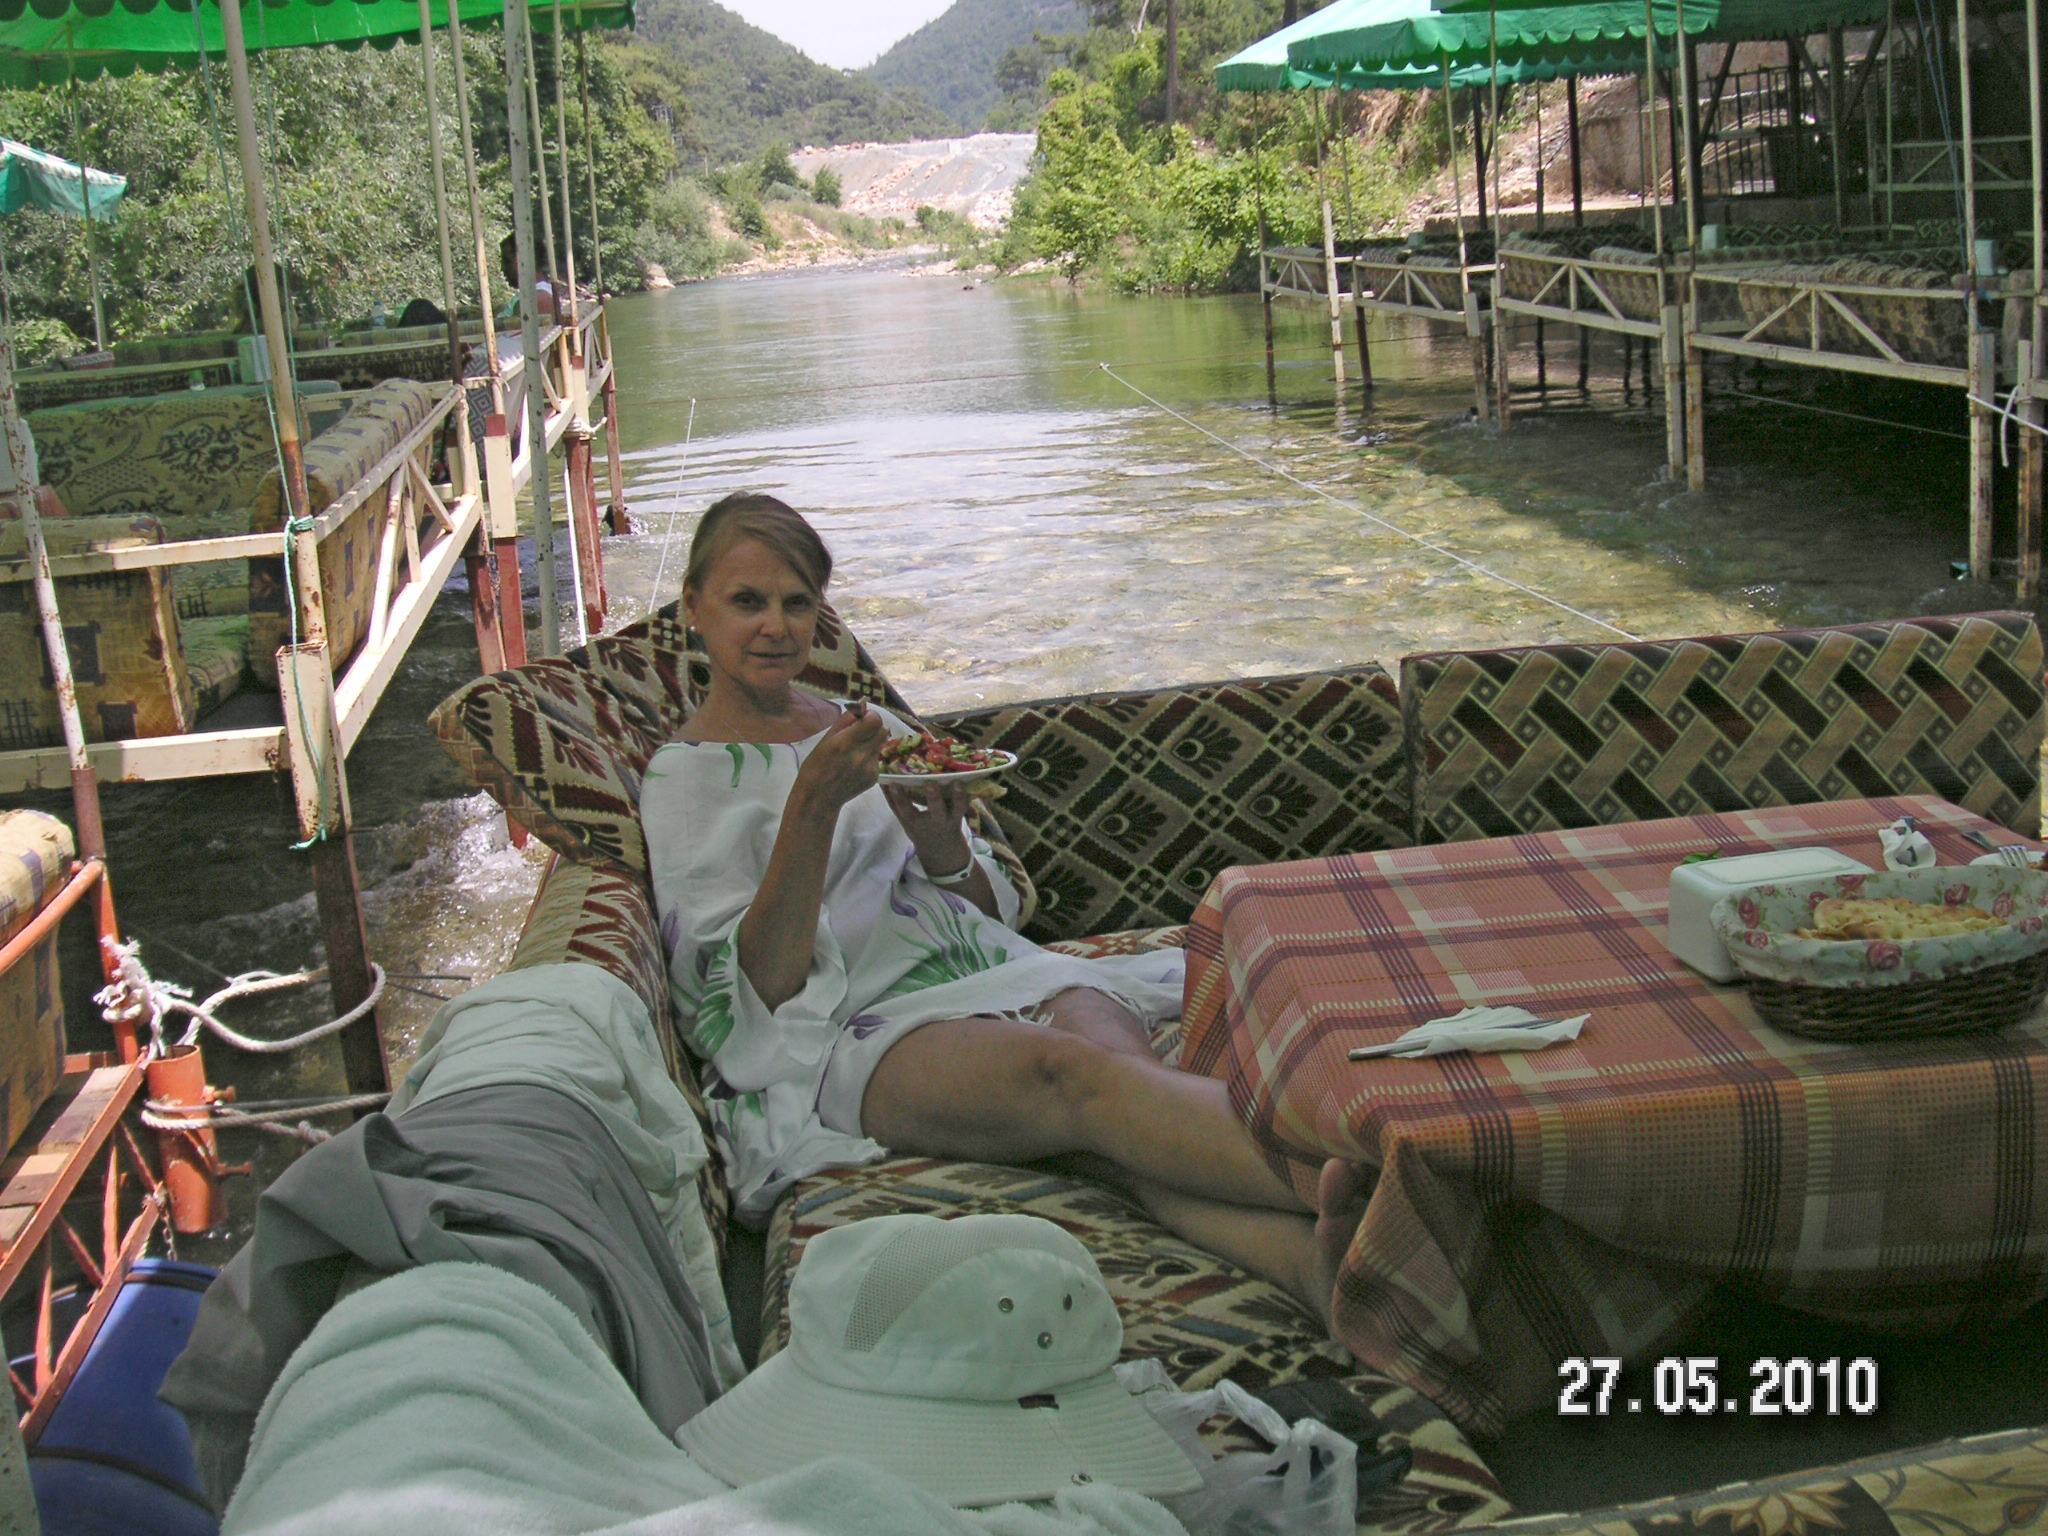 С женой на реке фото 2 фотография